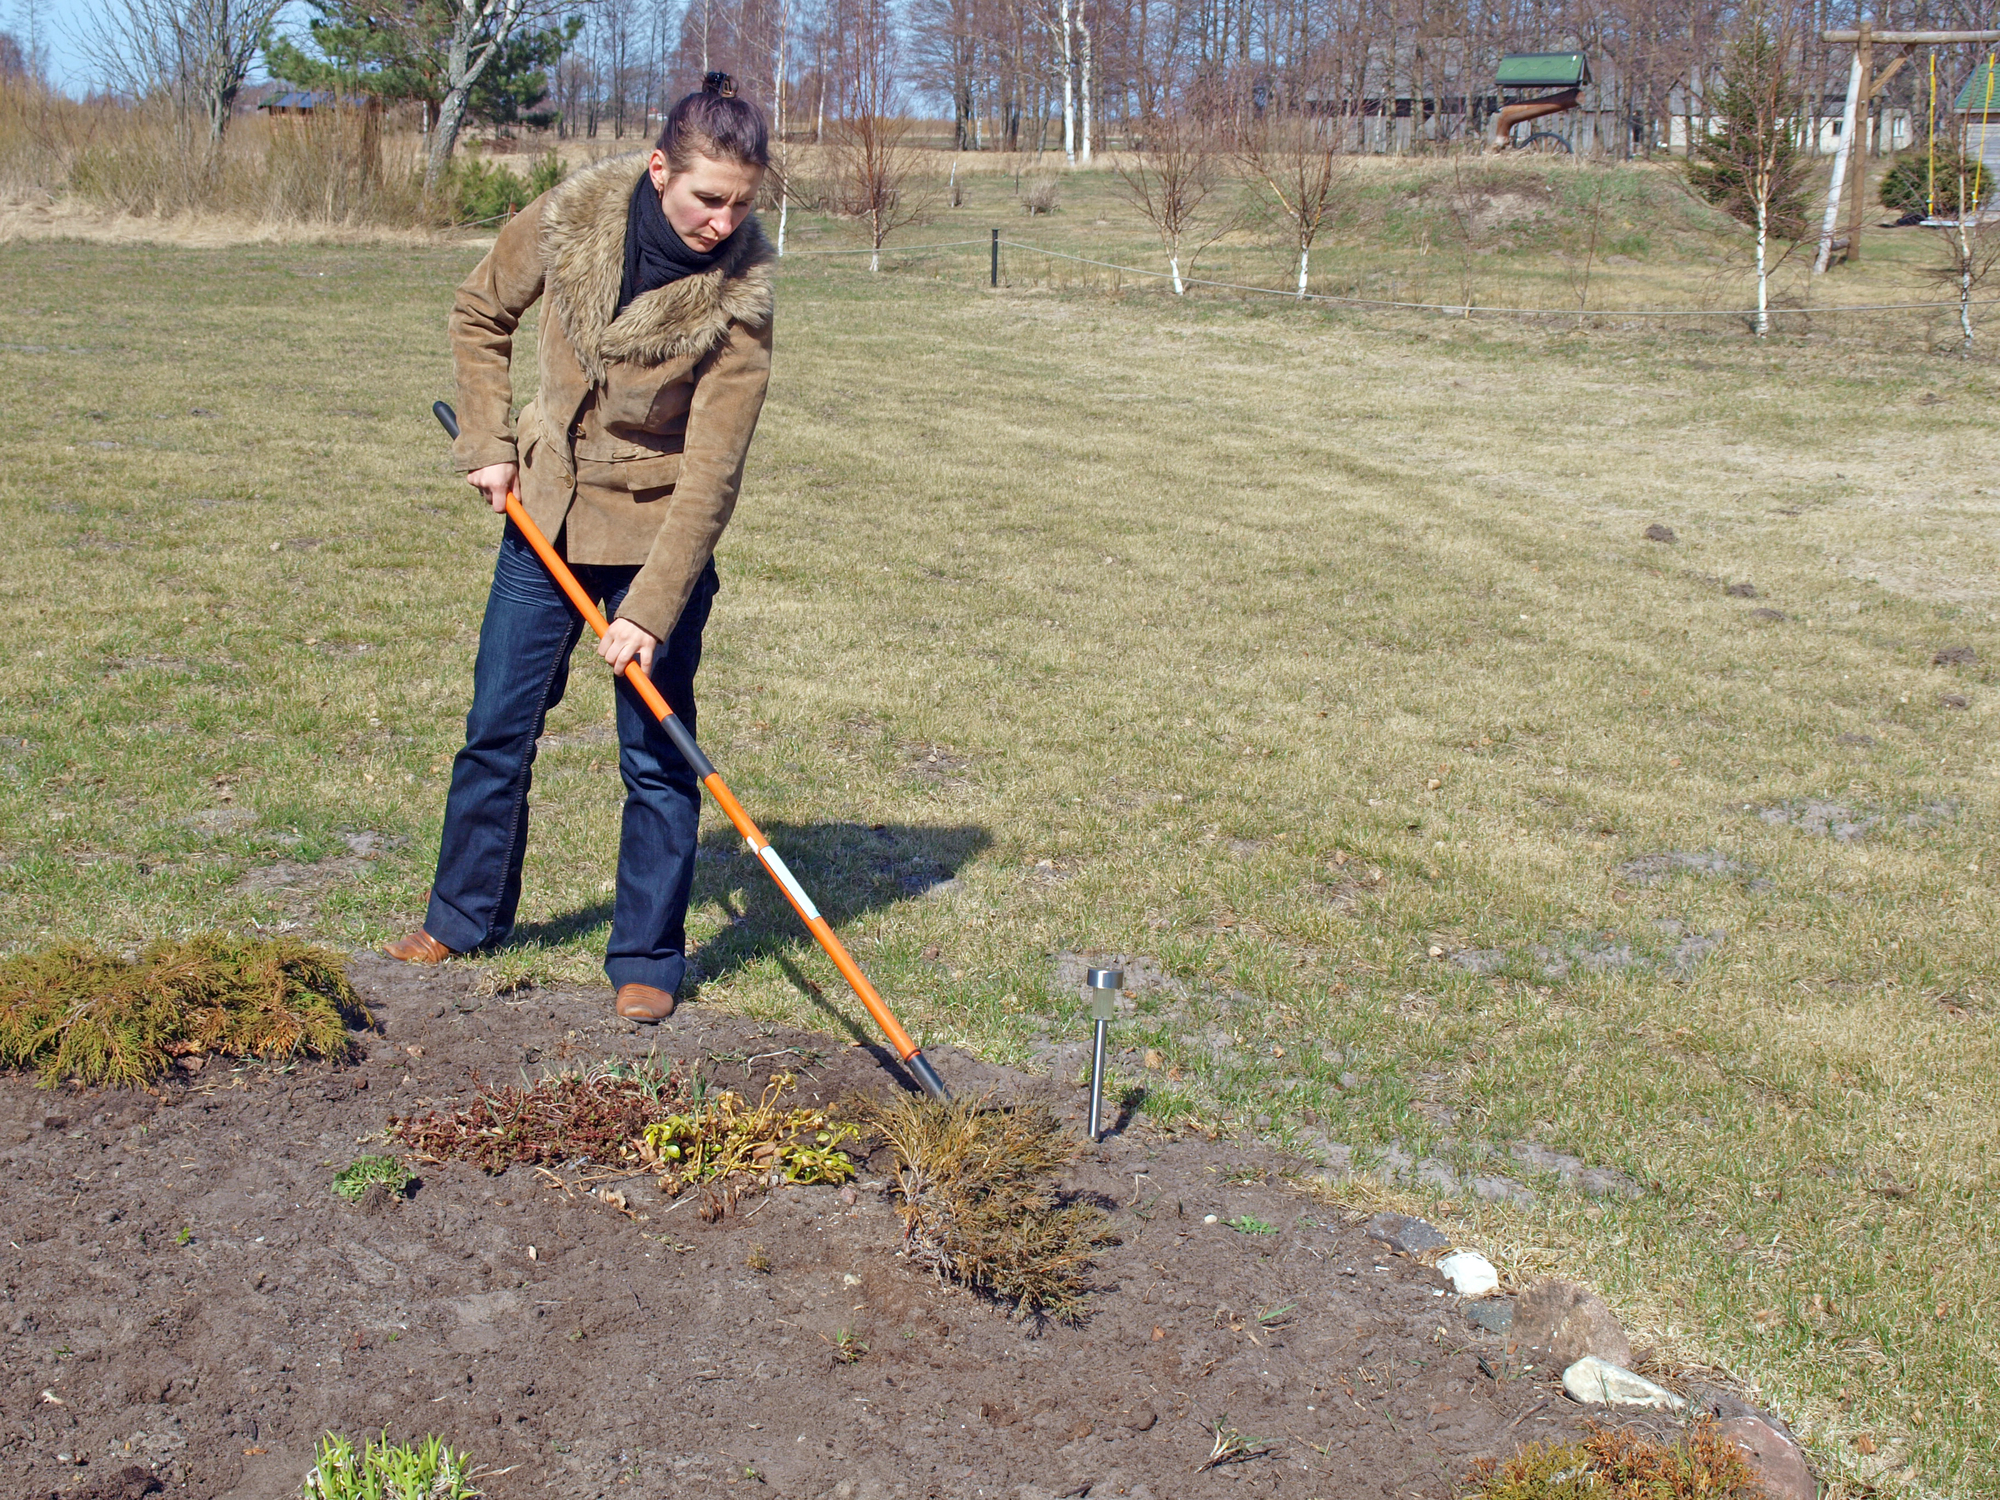 Loosening soil by rake